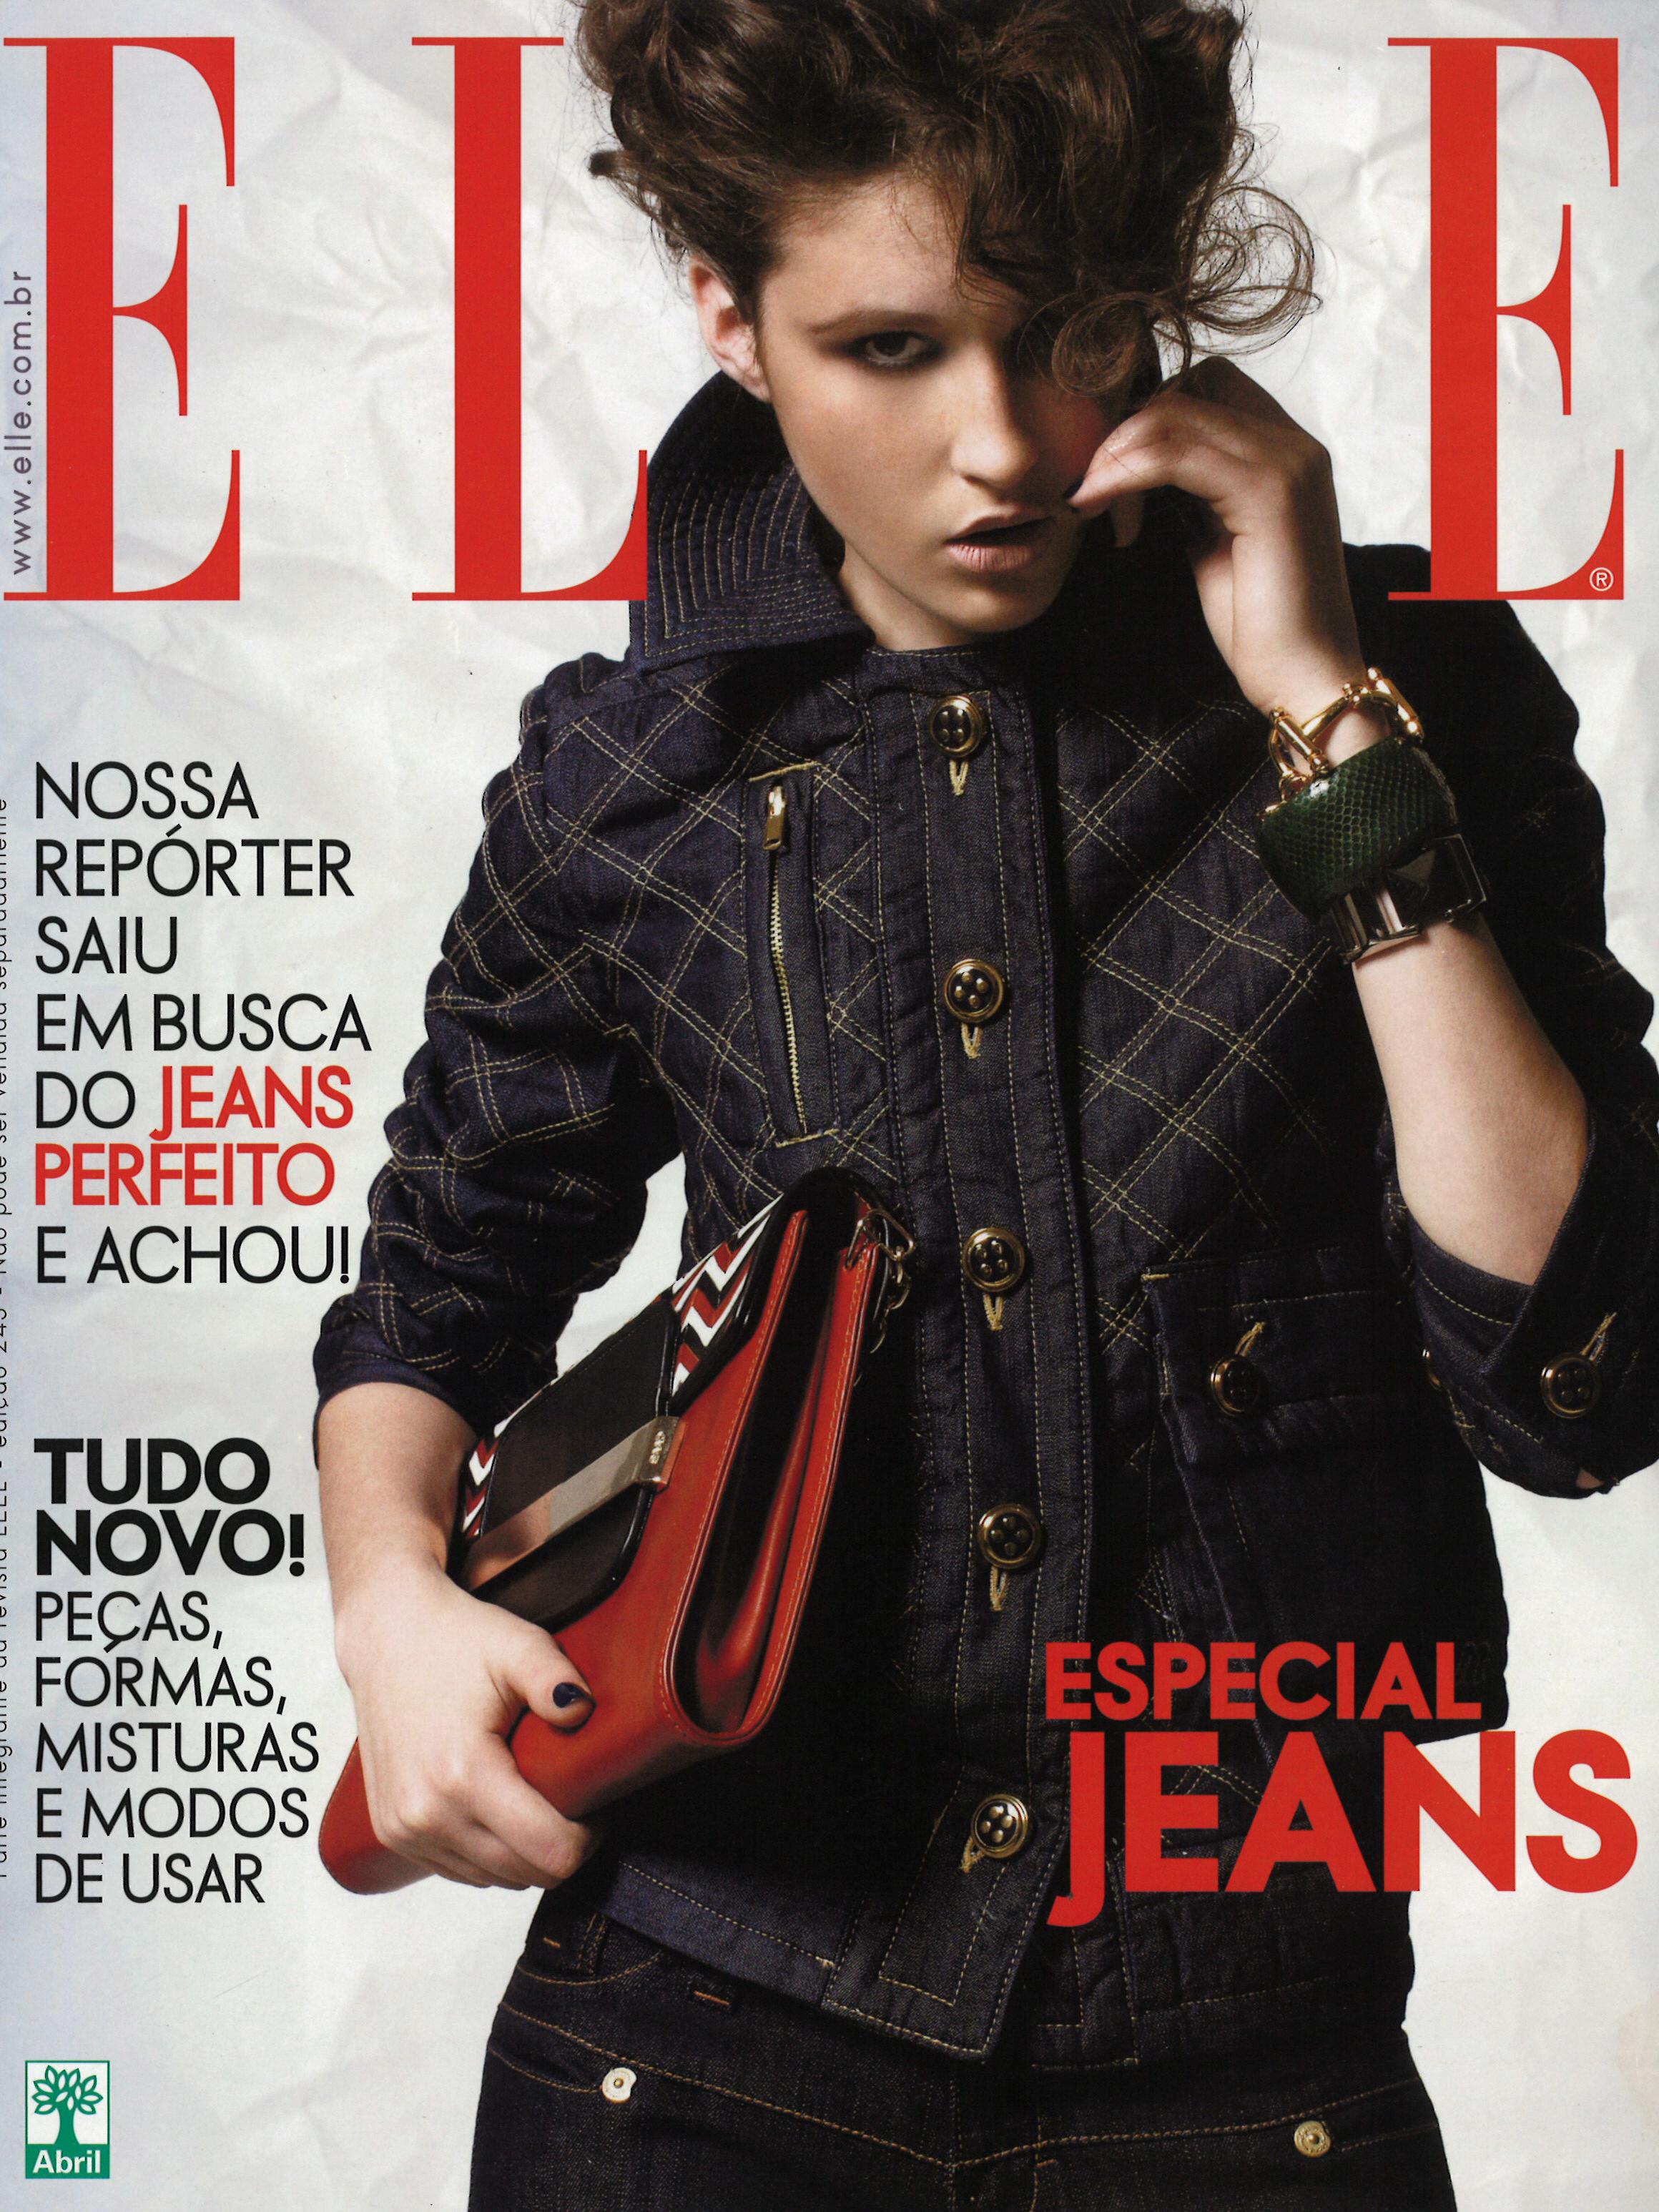 Elle Brasil - Especial Jeans